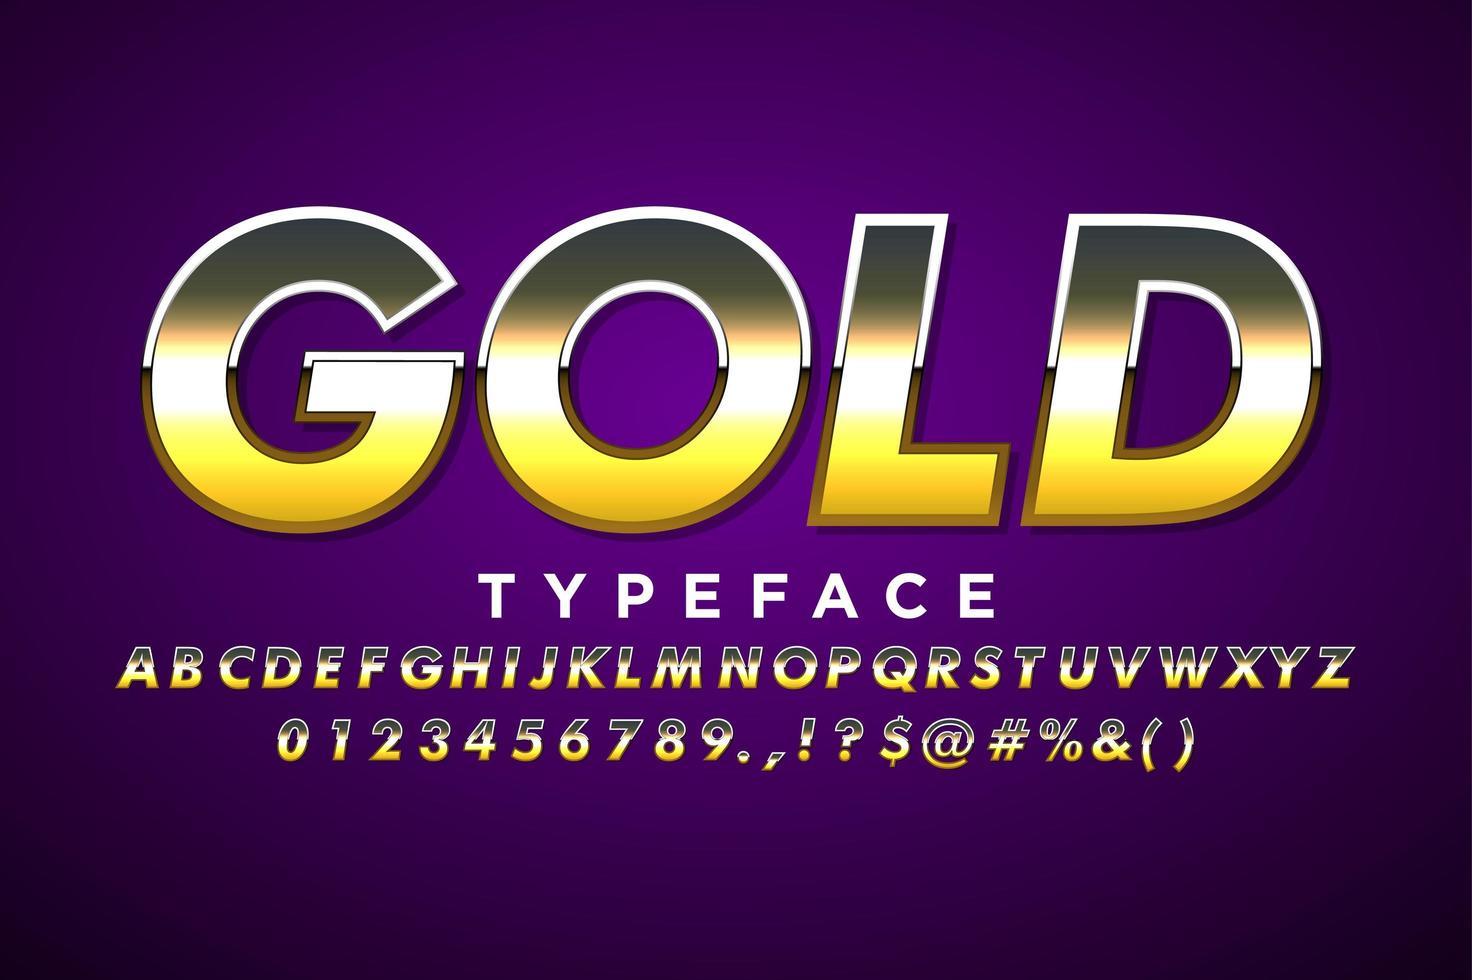 Alfabeto moderno em estilo metálico dourado